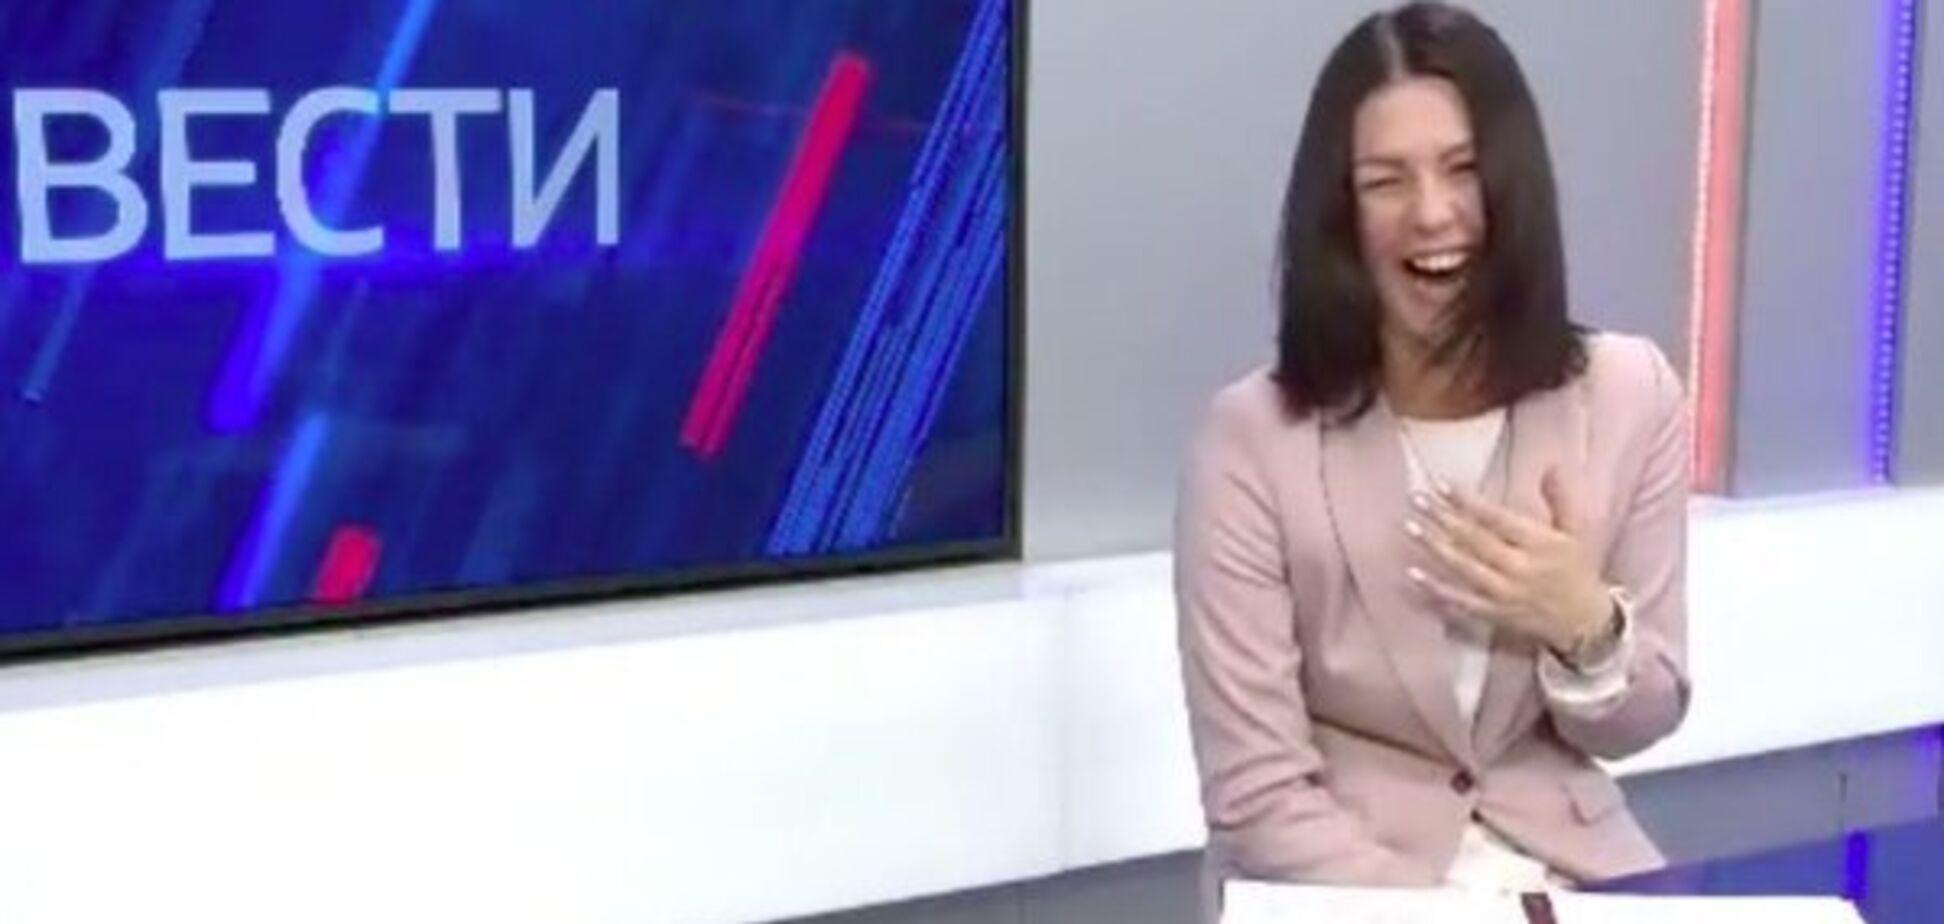 'Остальное вранье не смешит?' Россиян разгневала истерика ведущей на нищенские выплаты